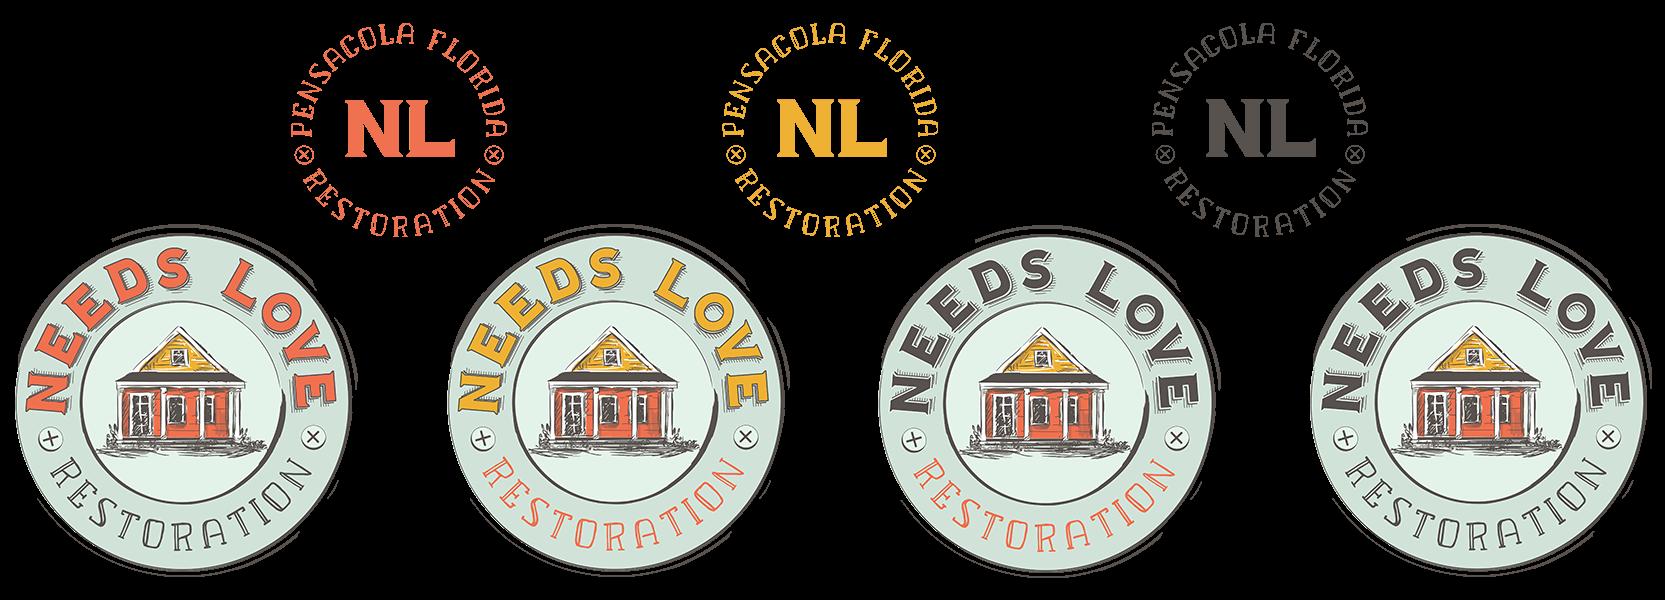 Needs Love Restoration Logo Variations